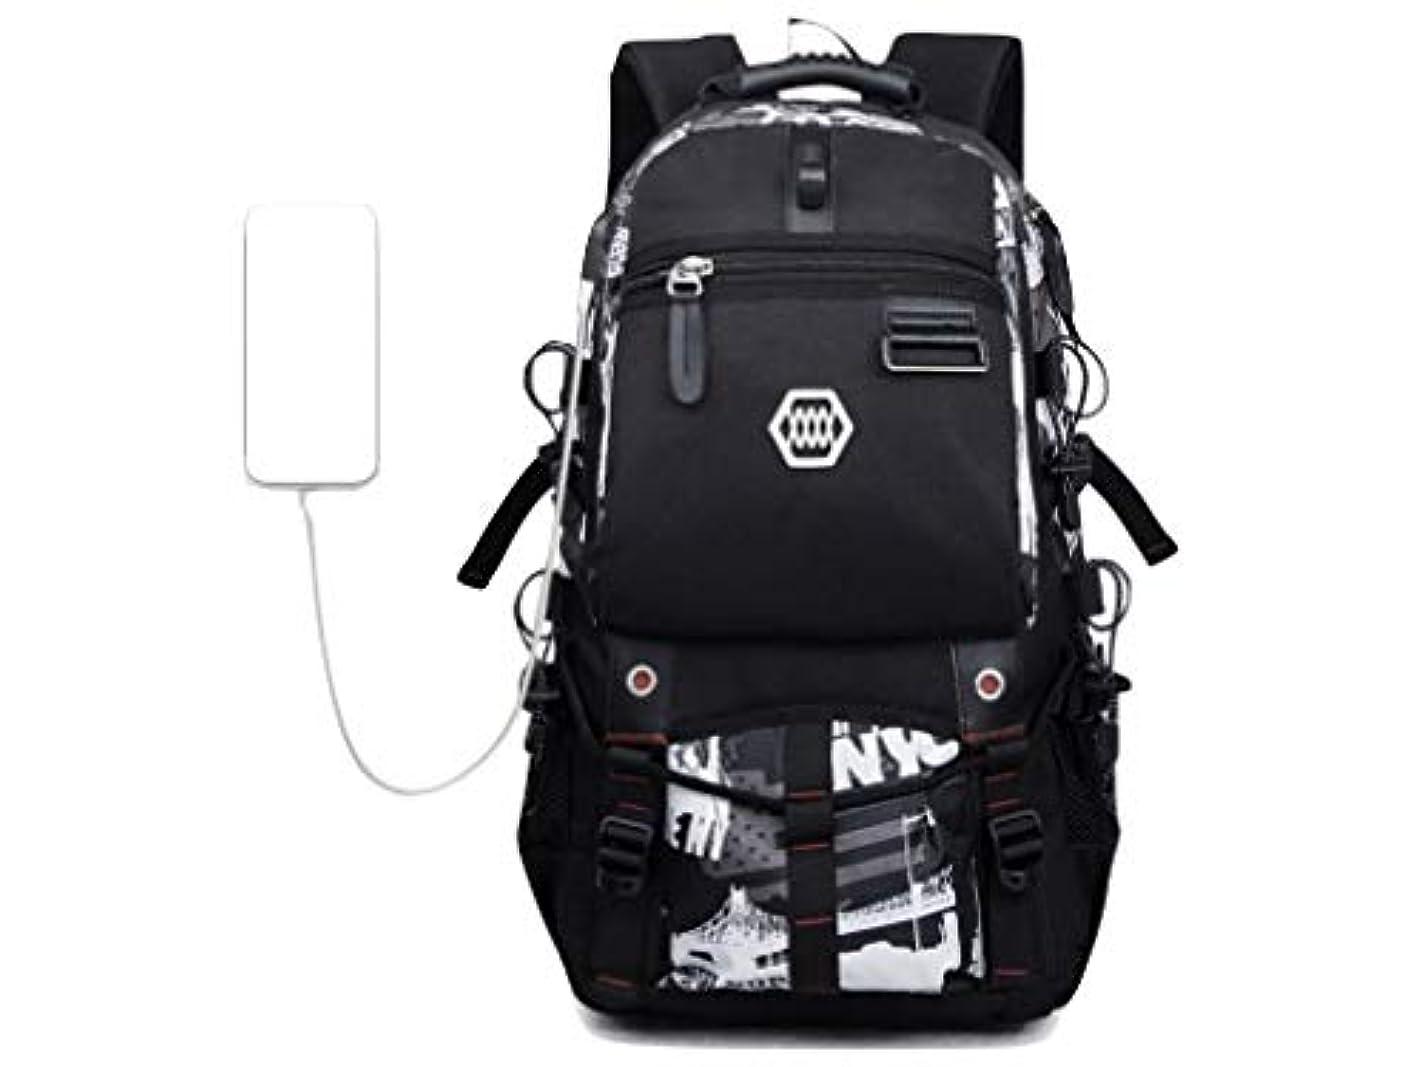 平行品ボイコット【hkukat】旅 旅行 バックパック 大容量 USB充電ポート付き 防水 登山リュック ハイキング デイバッグ キャンプ アウトドア クライミング スクール 男女兼用